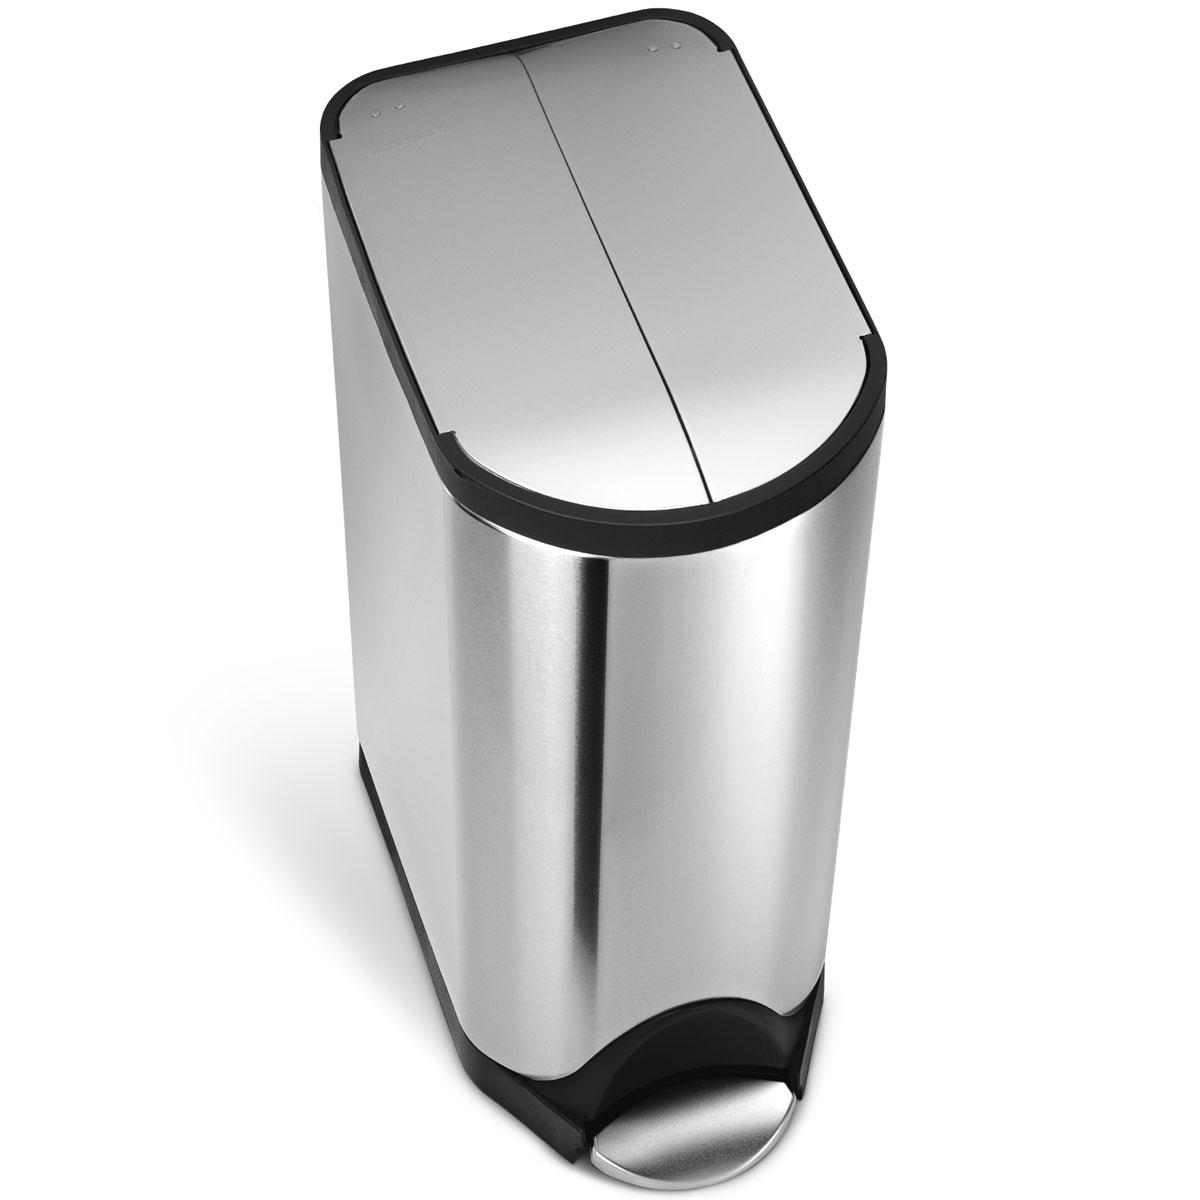 simplehuman ゴミ箱 バタフライステップカン ダストボックス ごみ箱 シルバー ペダル式 フタ付き 両開き開閉 キッチンなどに スタイリッシュでオシャレなゴミ箱 シンプルヒューマン 正規品 1年間メーカー保証付き ゴミ箱 CW1824 30リットル